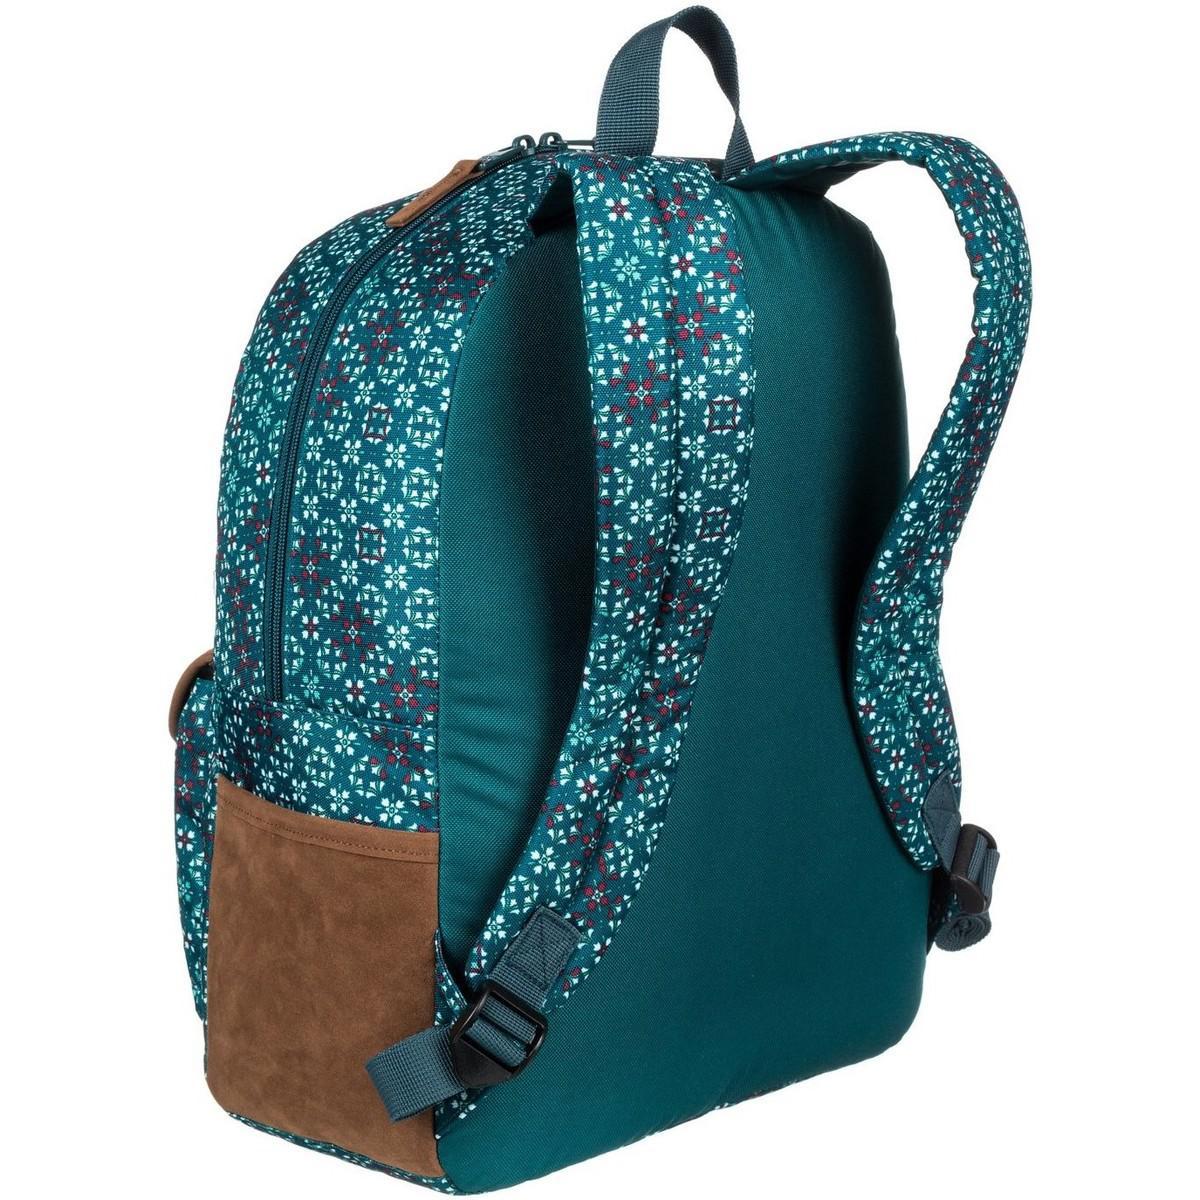 6b8d4186523 Roxy Mochila Carribean 18l - Mochila Mediana Women s Backpack In ...